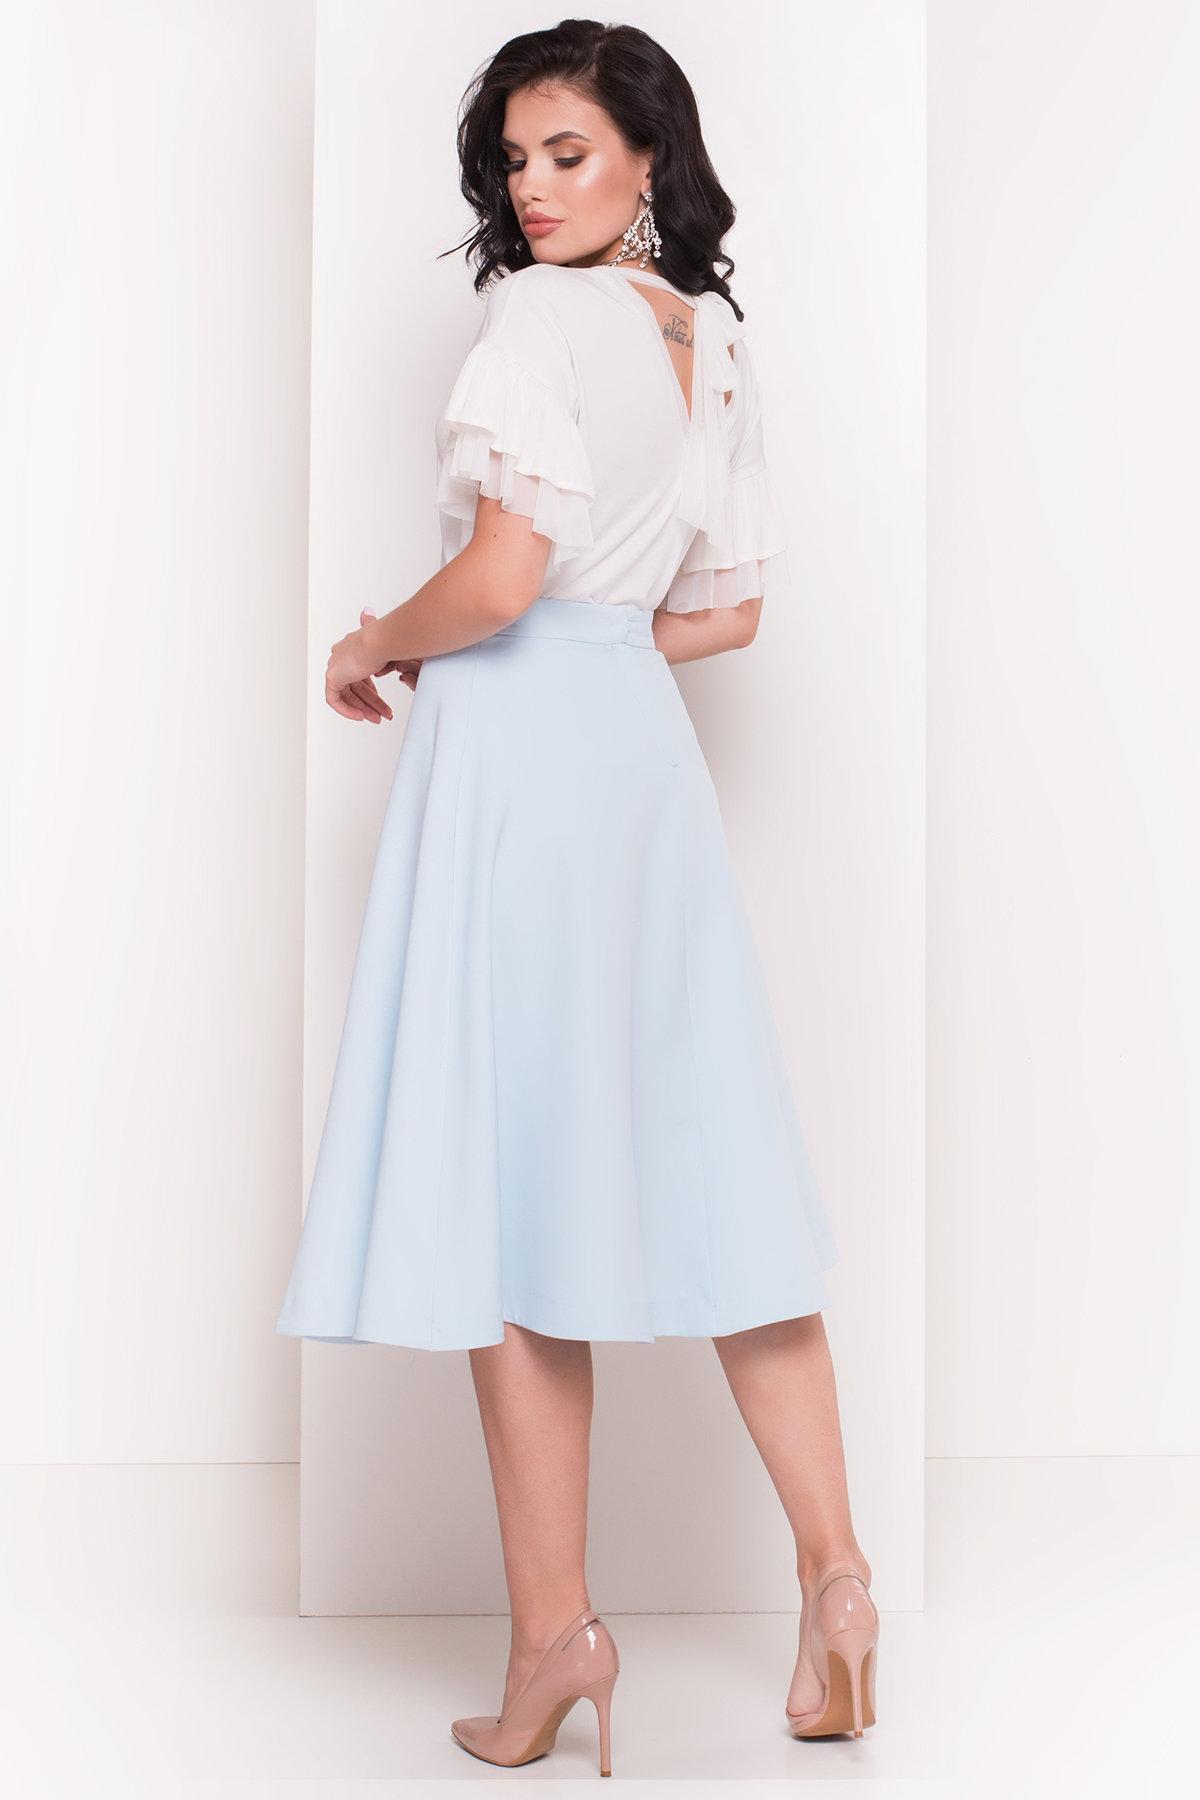 Блуза Ланта 5076 АРТ. 35628 Цвет: Молоко - фото 3, интернет магазин tm-modus.ru